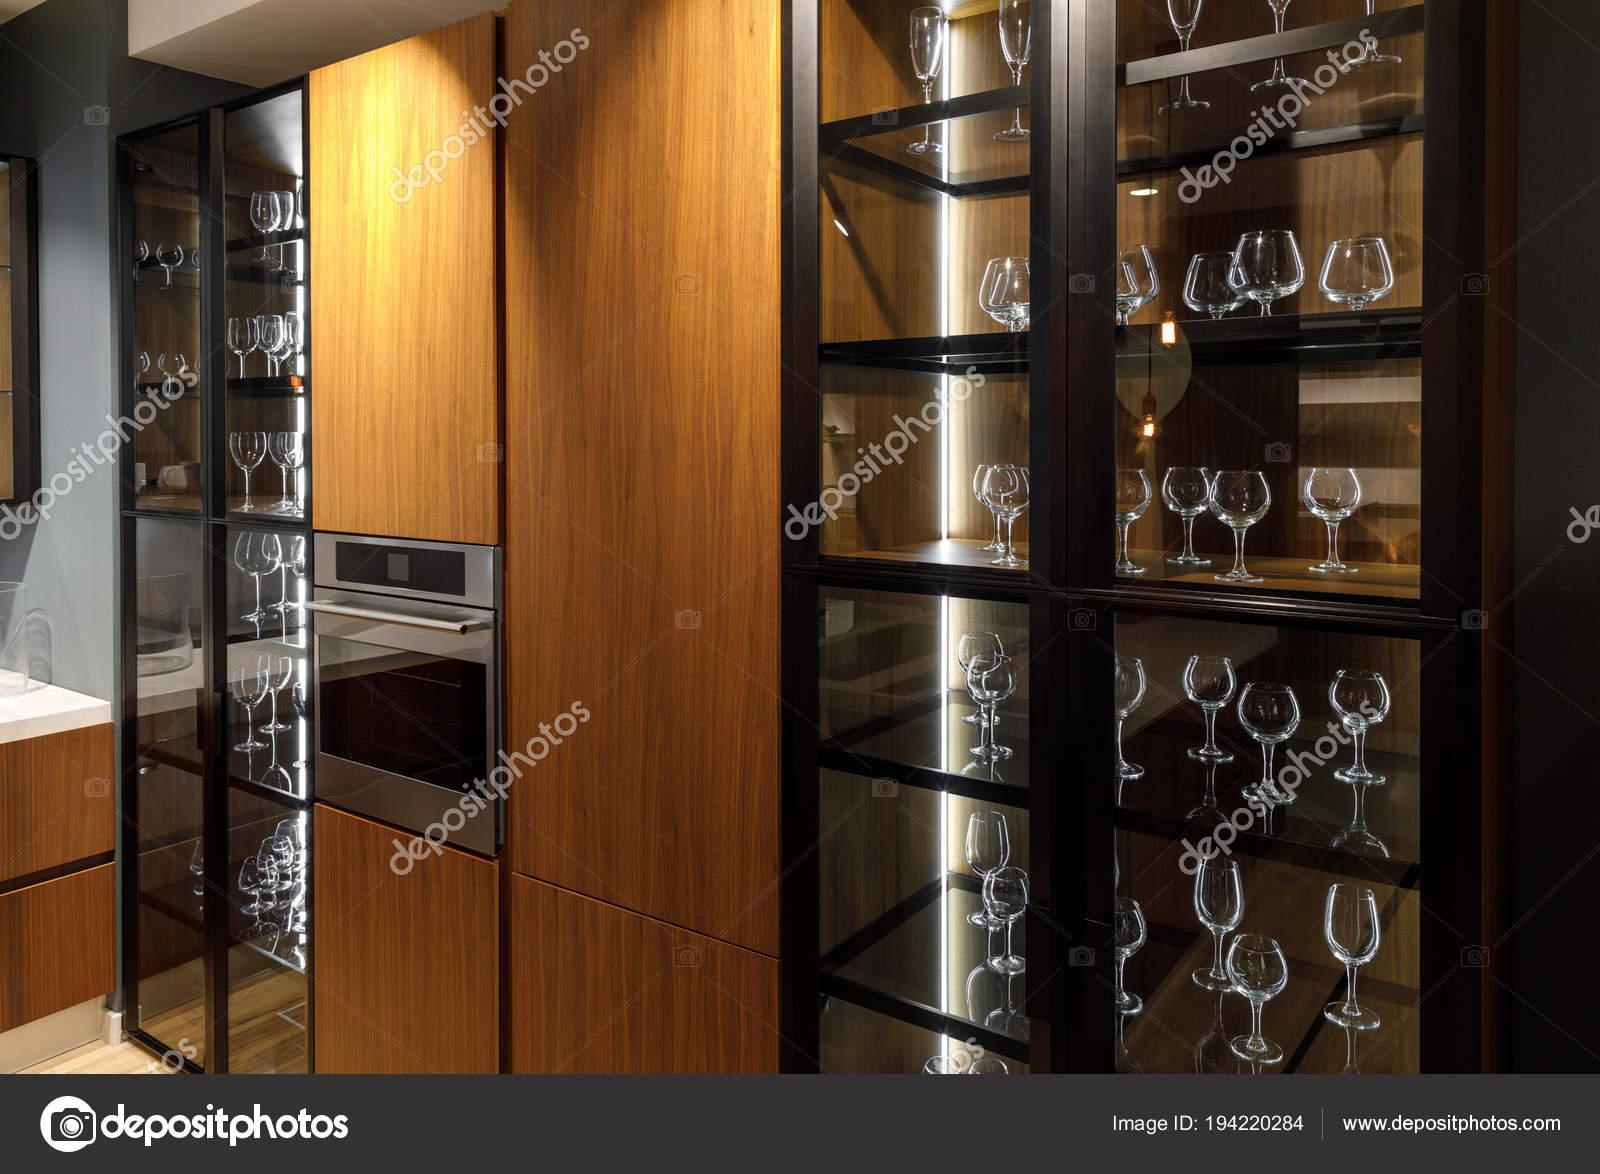 Kast Voor Glazen : Interieur van moderne keuken met glazen kast u2014 stockfoto